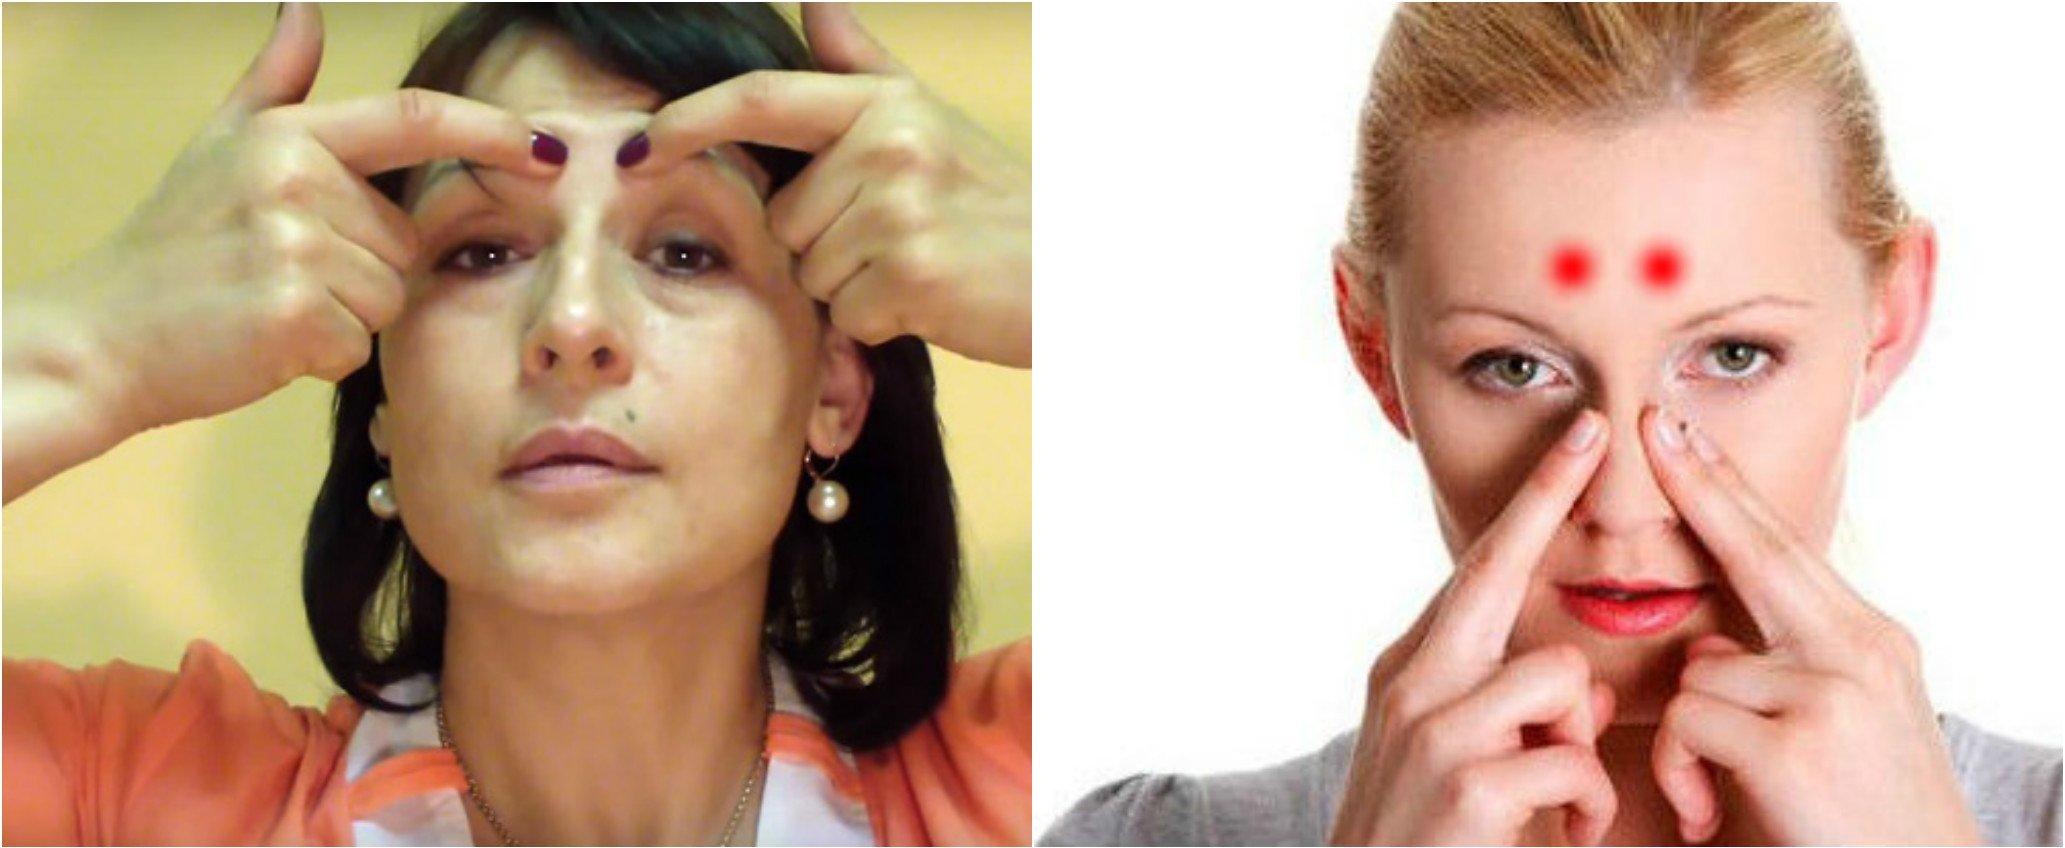 Как лечит заложенность носа в домашних условиях 882